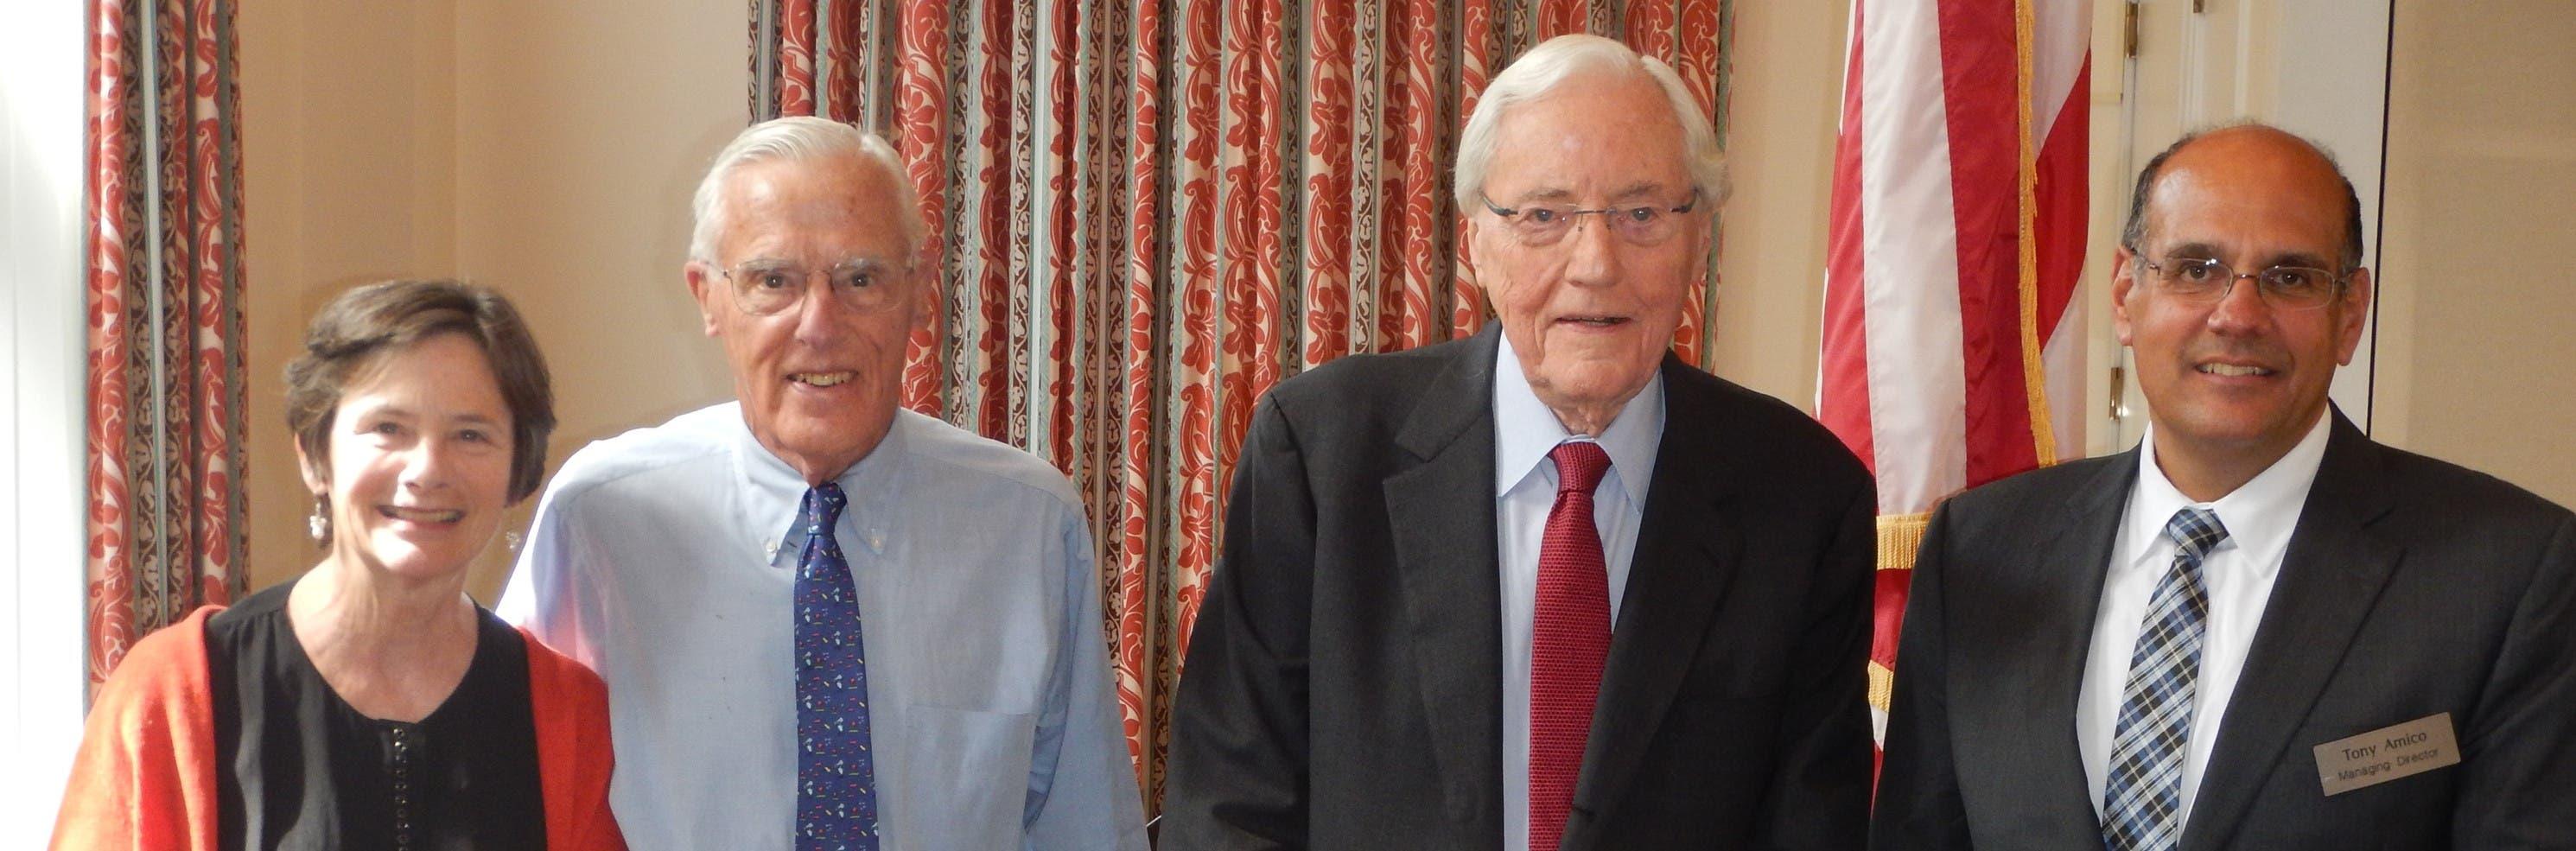 Dr  J Robert Buchanan Former CEO of MGH Revisits Fox Hill